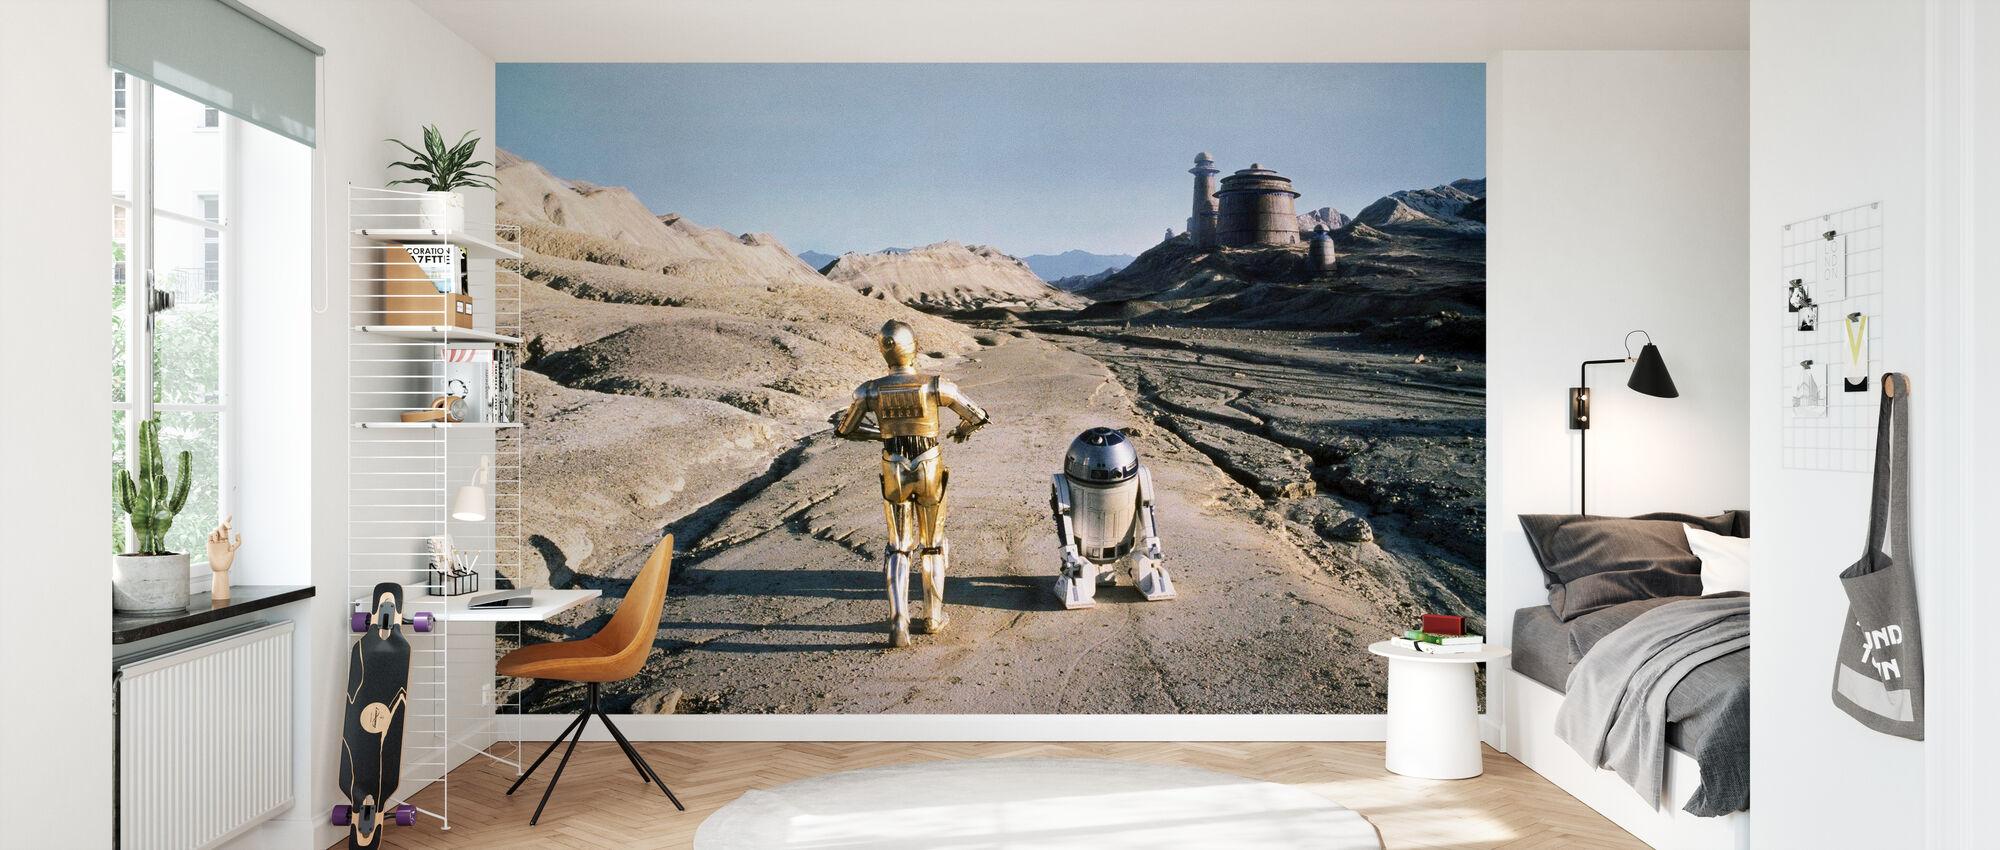 Star Wars - R2-D2 och C-3PO Tatooine - Tapet - Barnrum